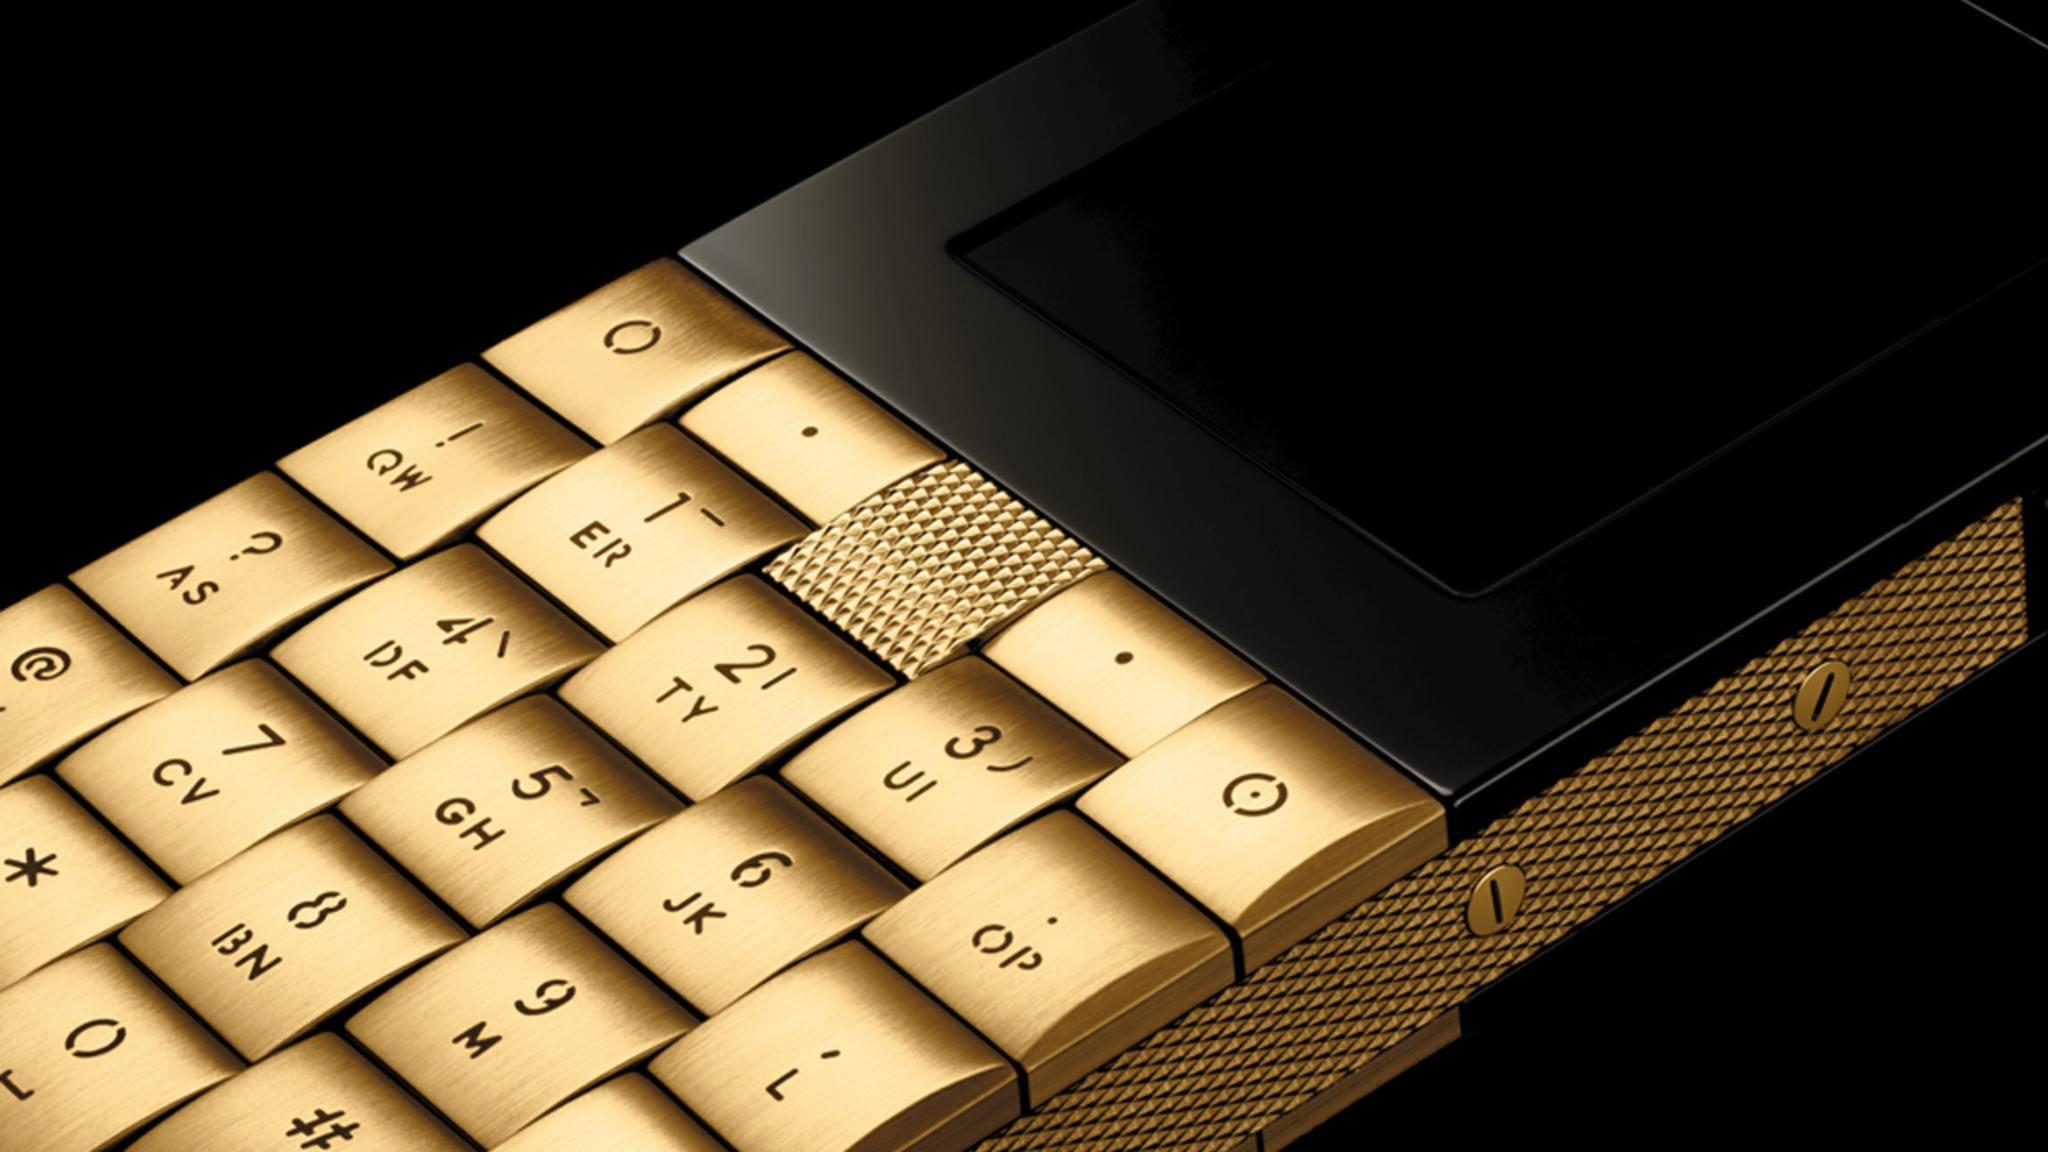 Du fühlst Dich an eine Rolex erinnert? Der Uhren-Look ist bei diesem Luxushandy absolut gewollt.